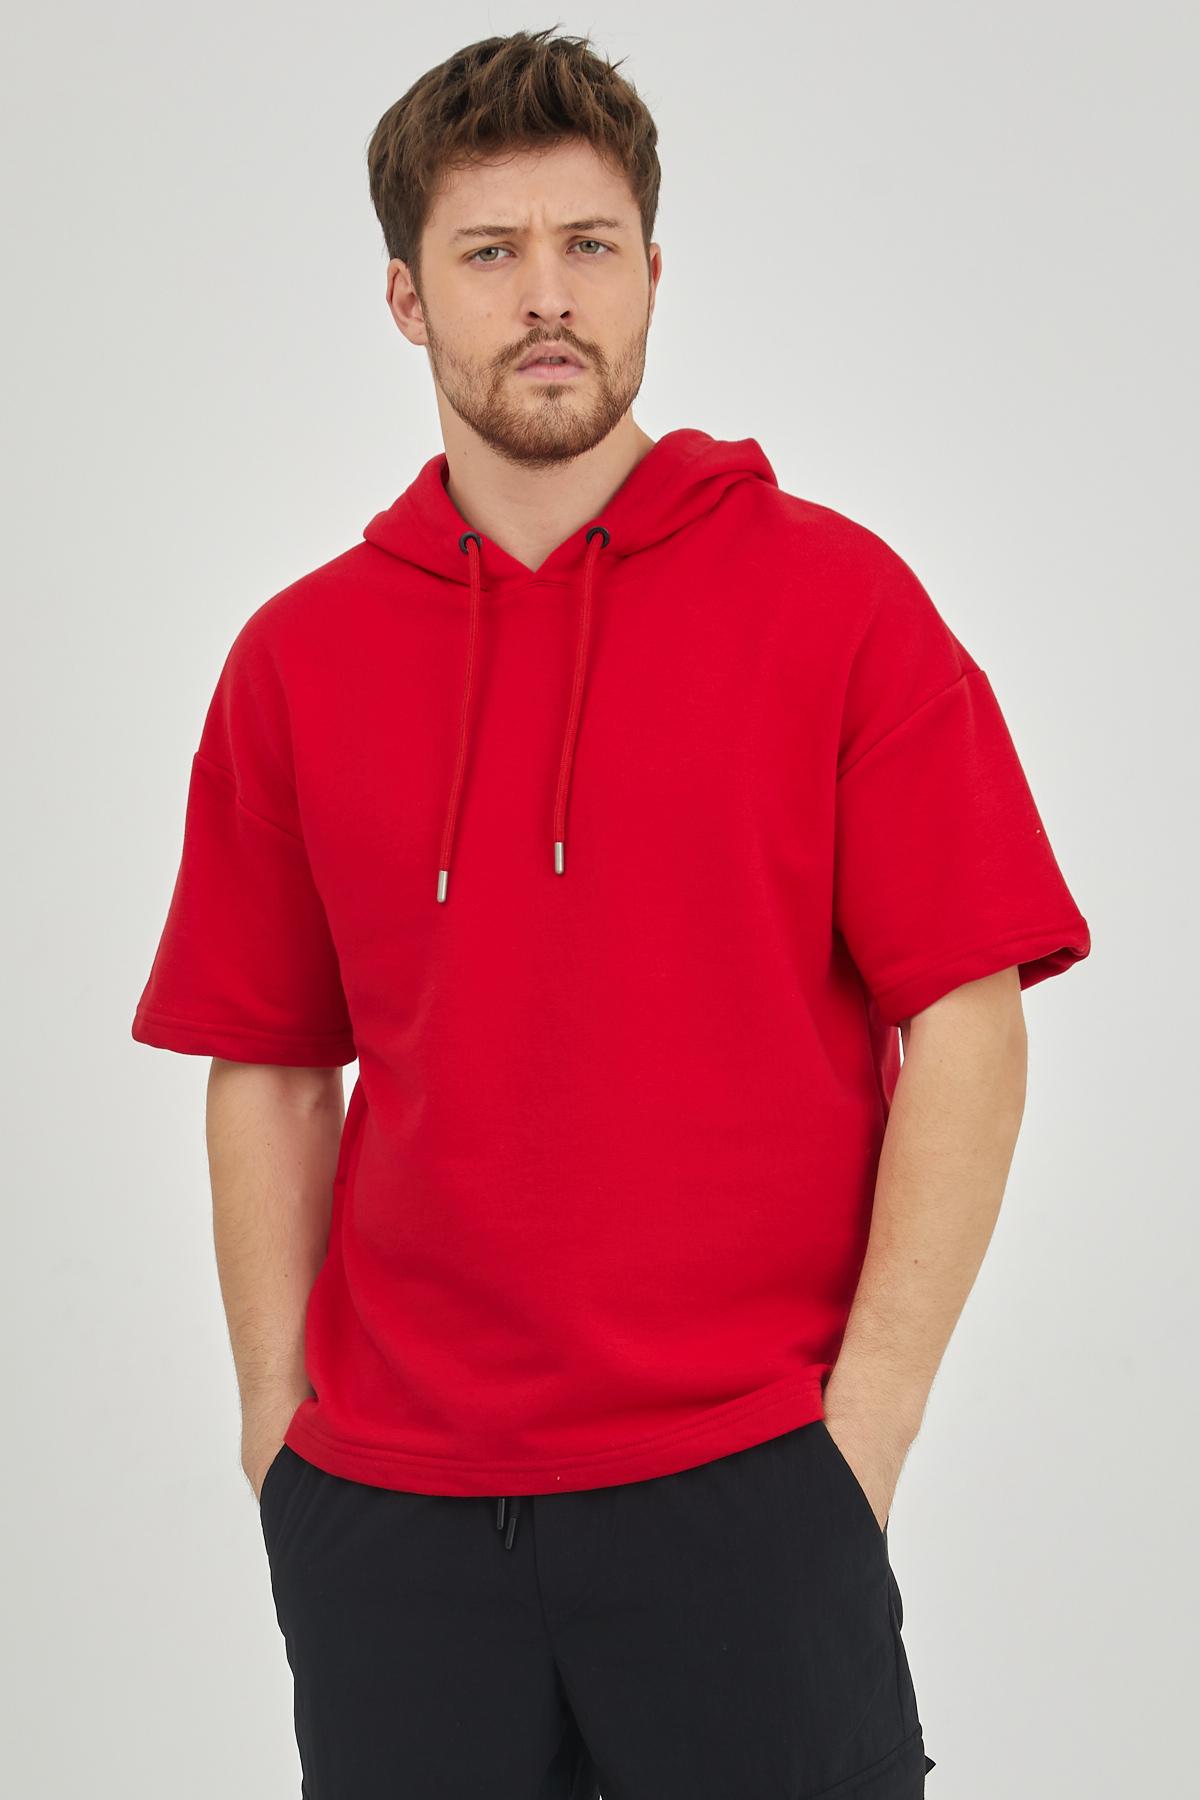 XHAN - Kırmızı Kısa Kol Kapüşonlu Sweatshirt 1KXE8-44654-04